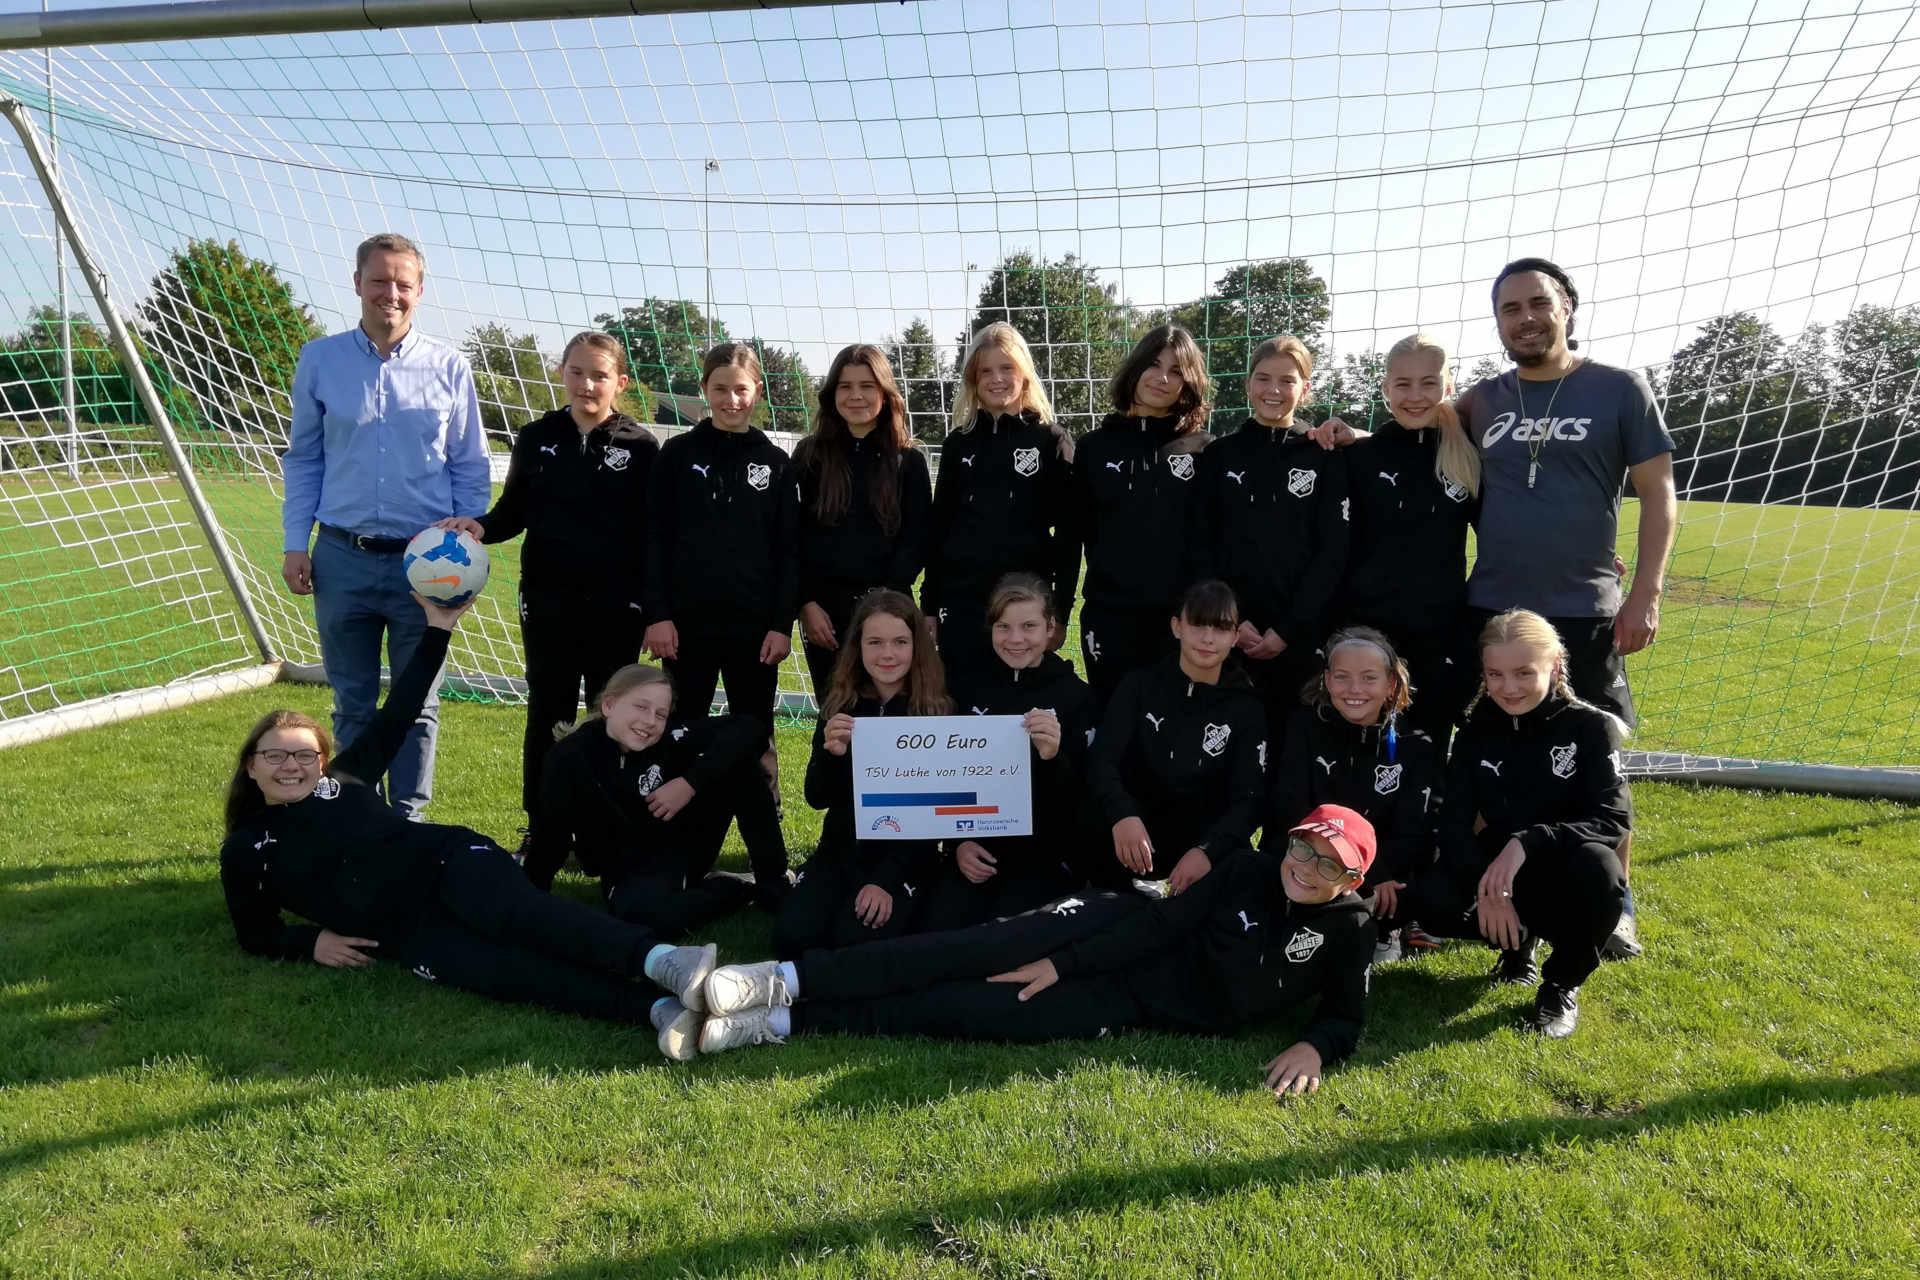 TSV Luthe D-Juniorinnen